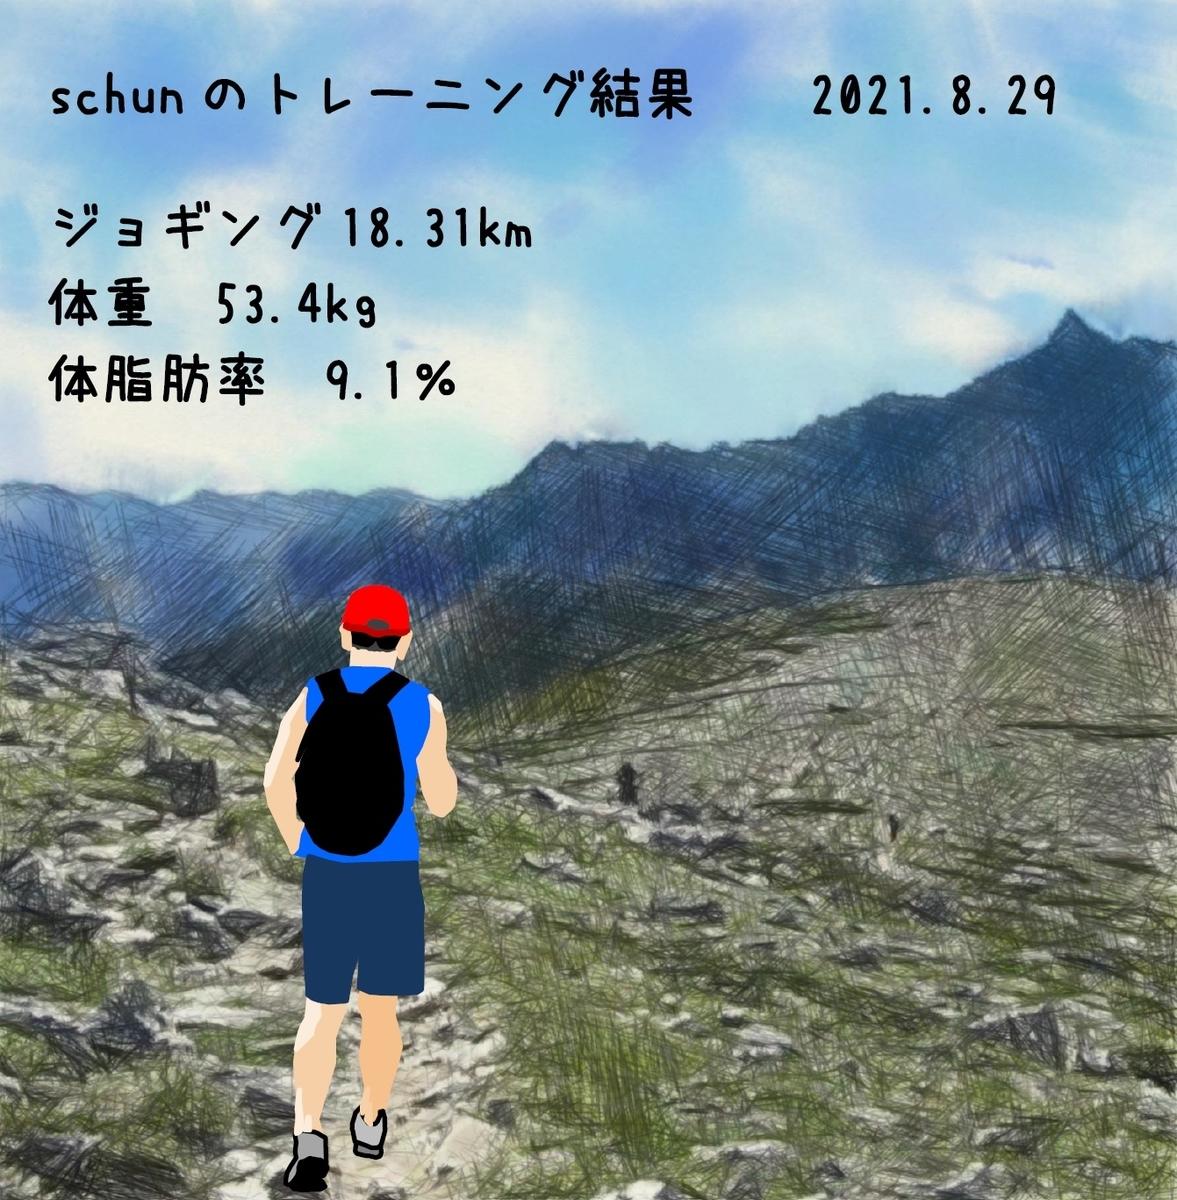 f:id:schunchi2007:20210829204851j:plain